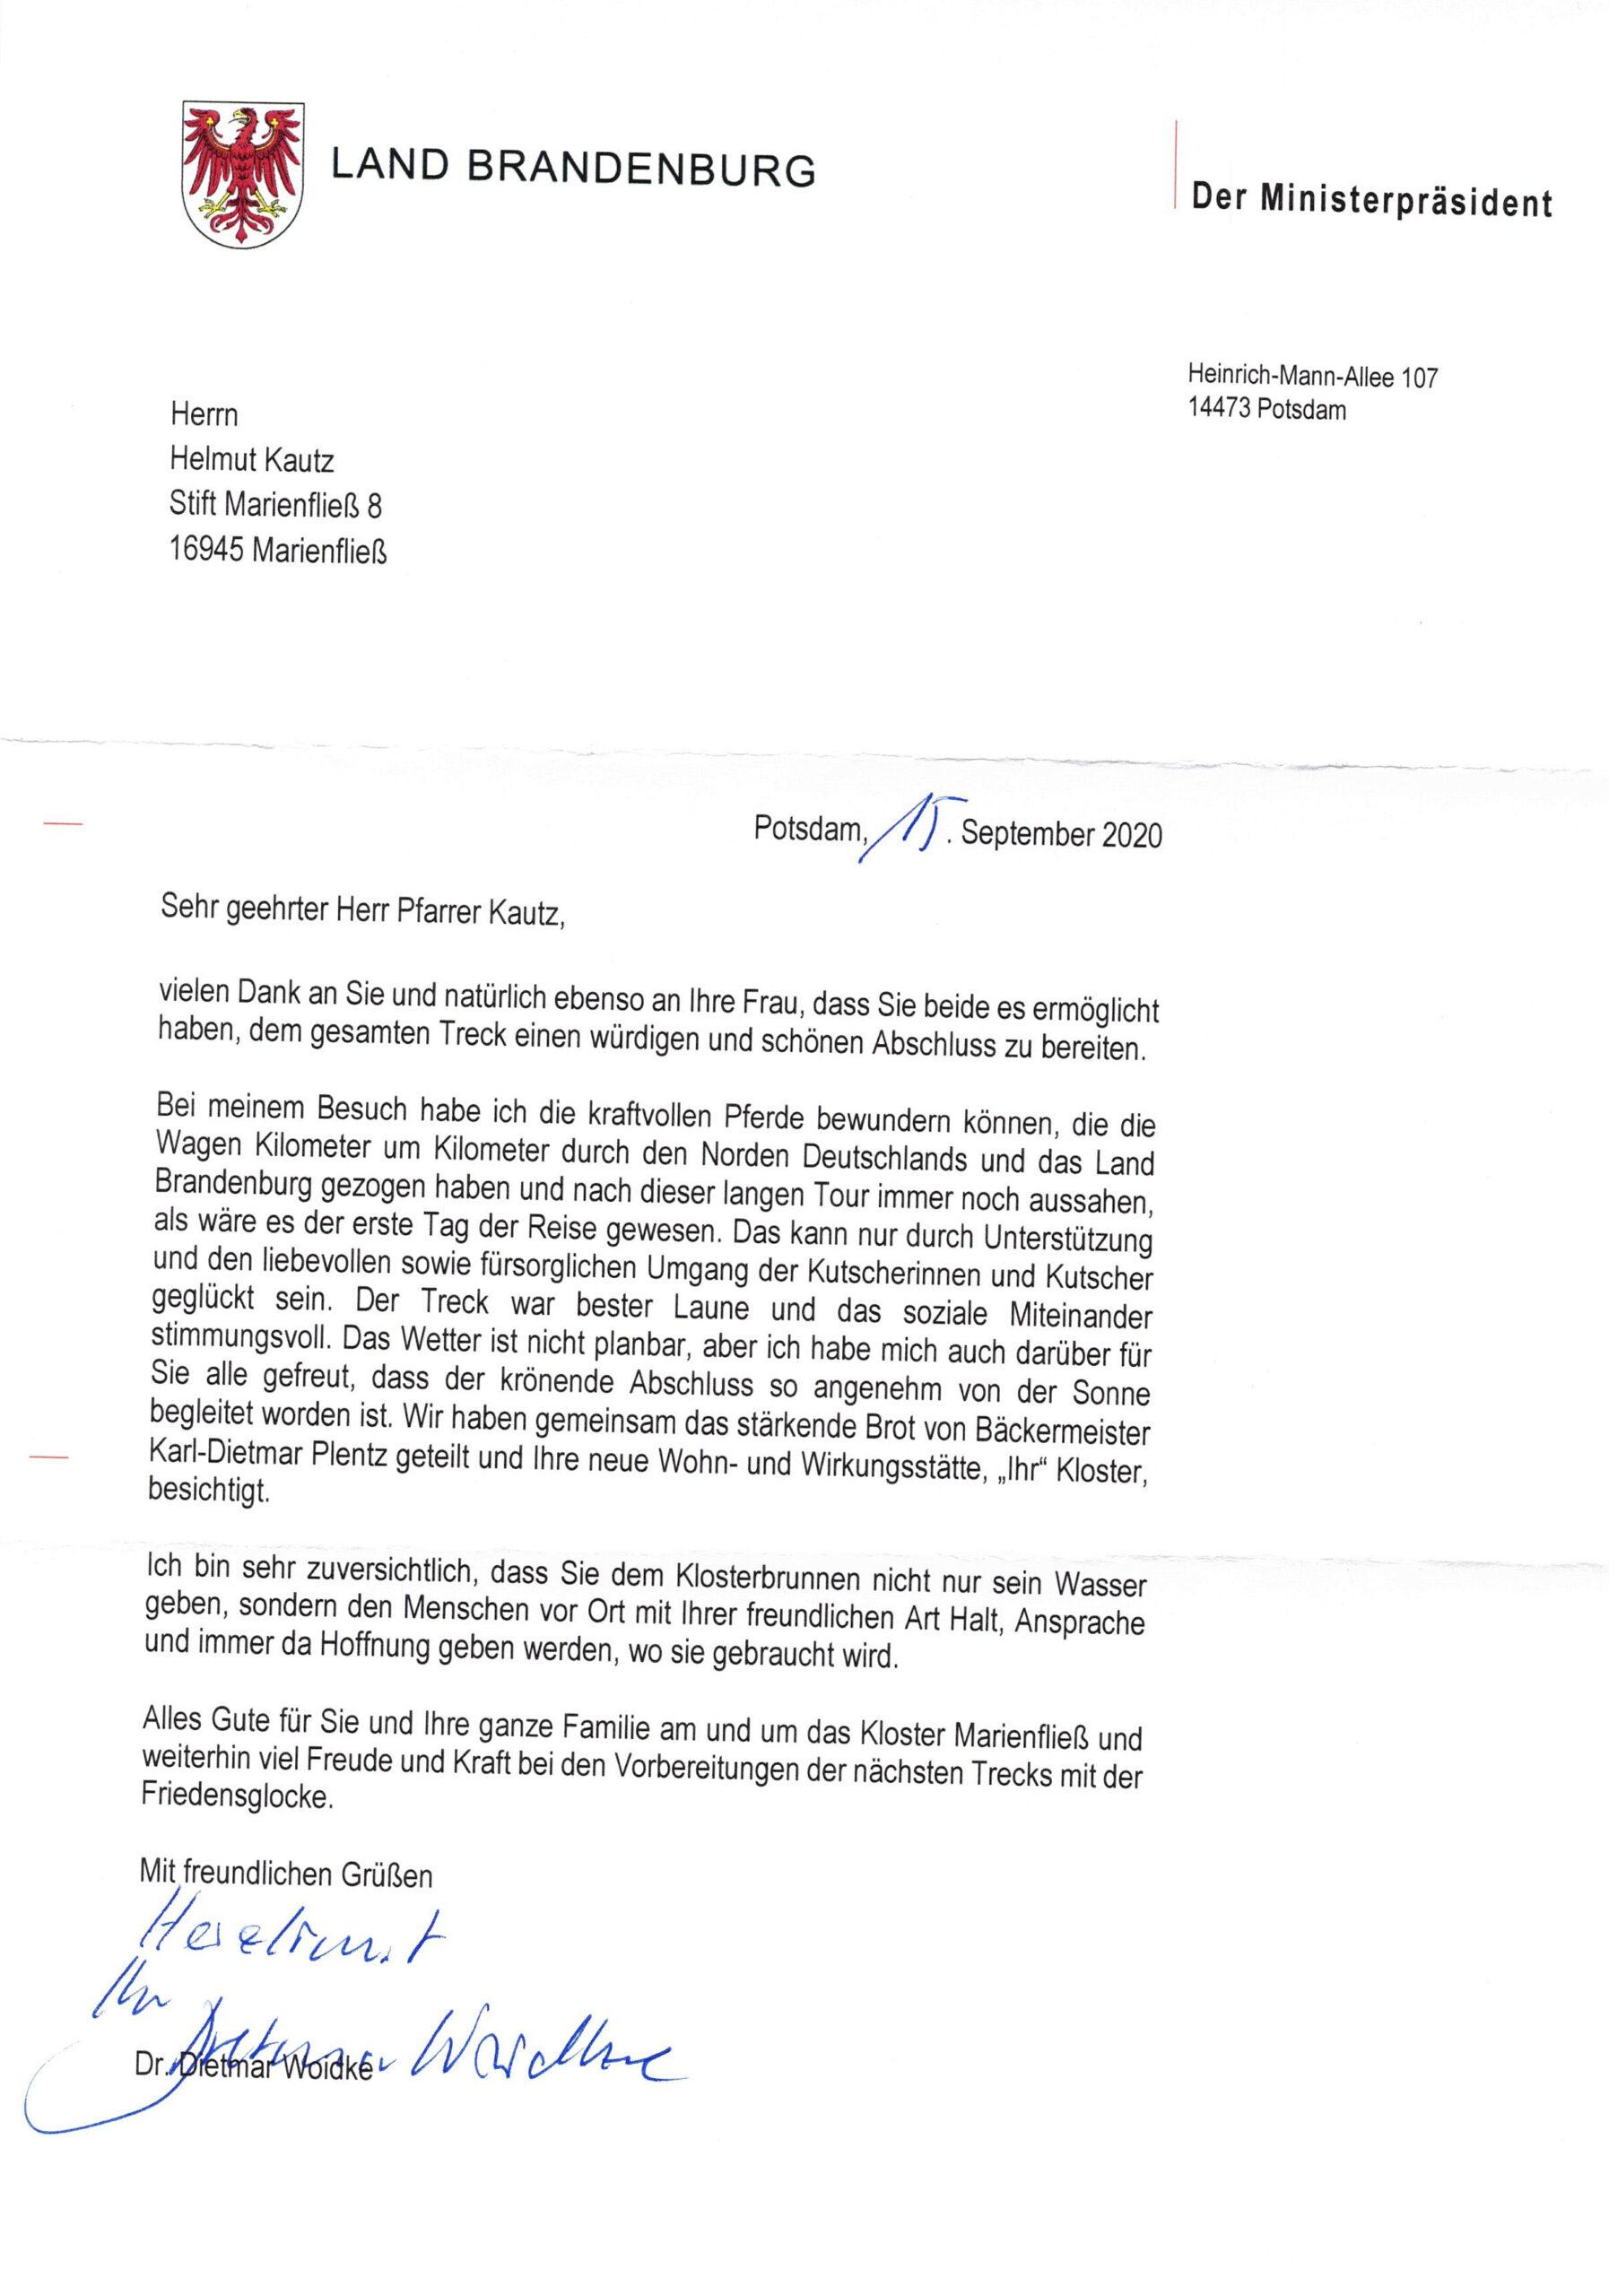 Dankbrief von Ministerpräsident Dietmar Woidke